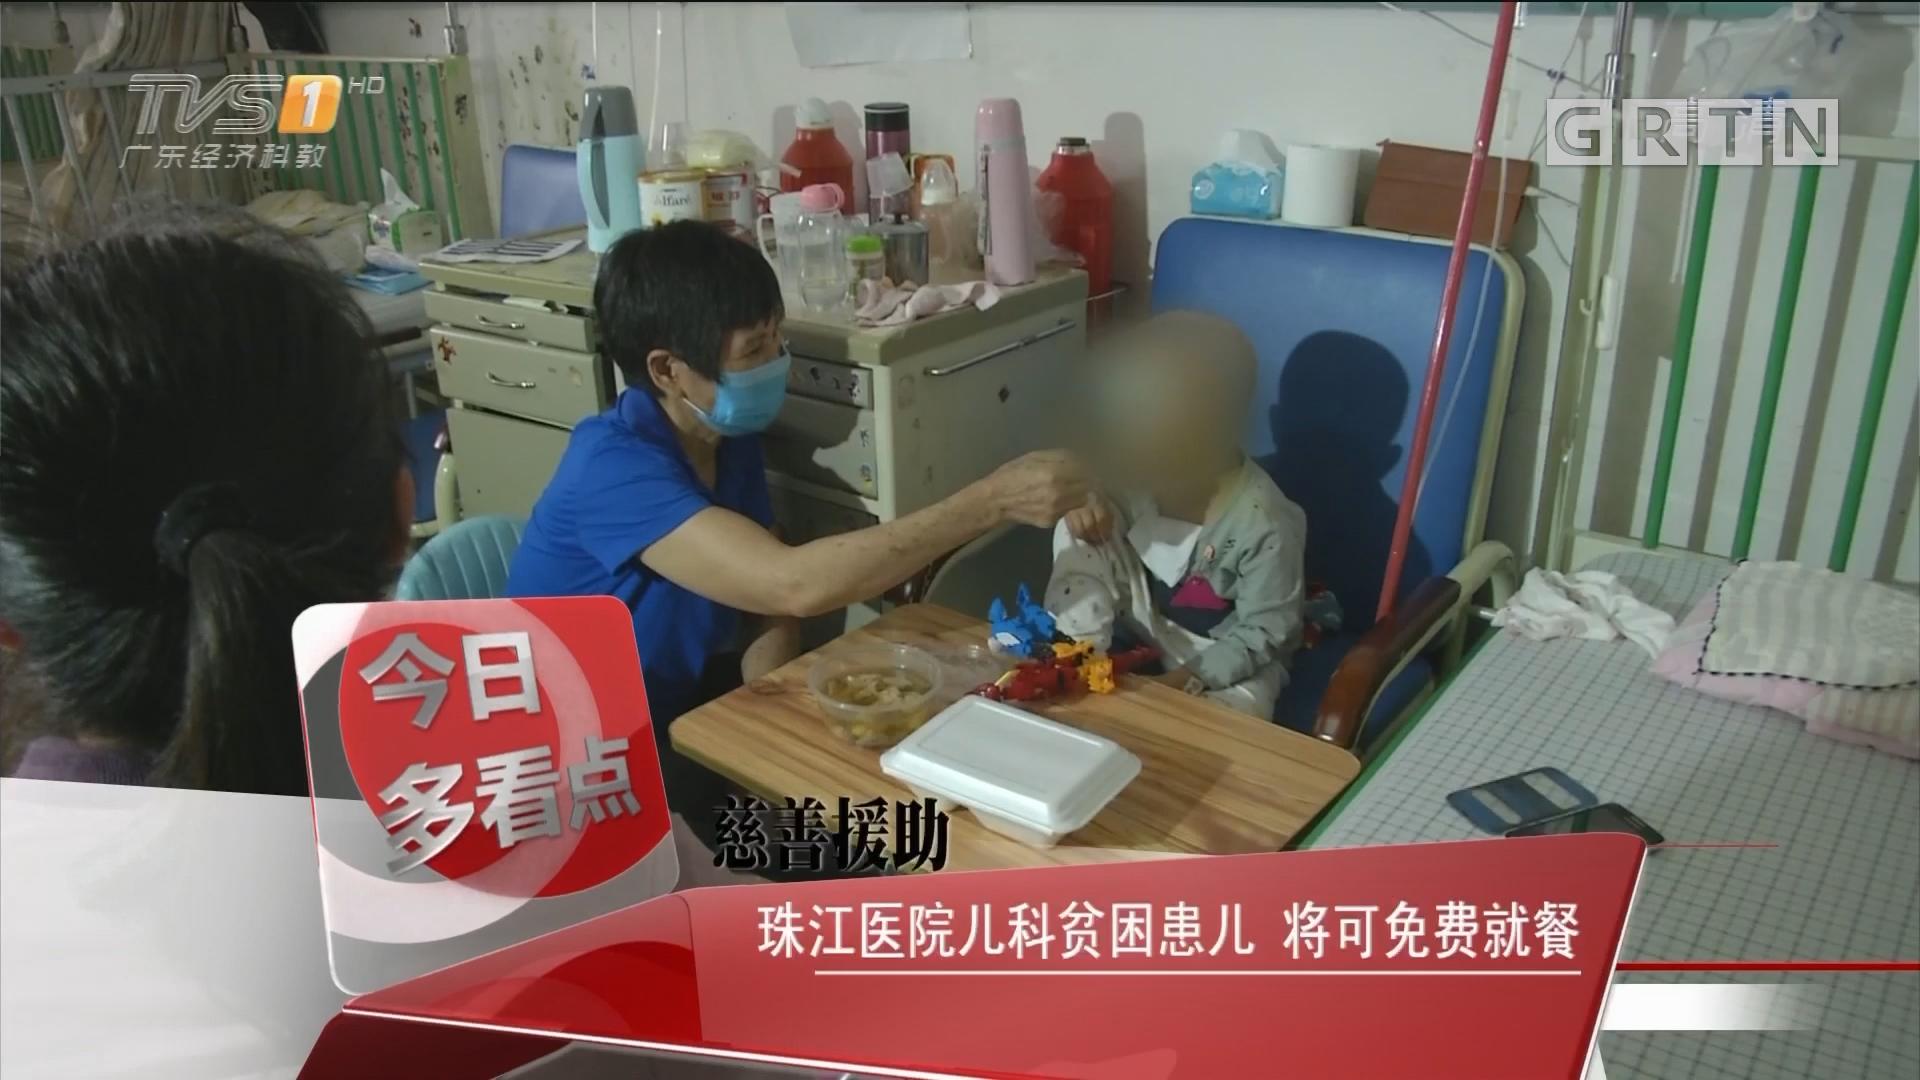 慈善援助:珠江医院儿科贫困患儿 将可免费就餐